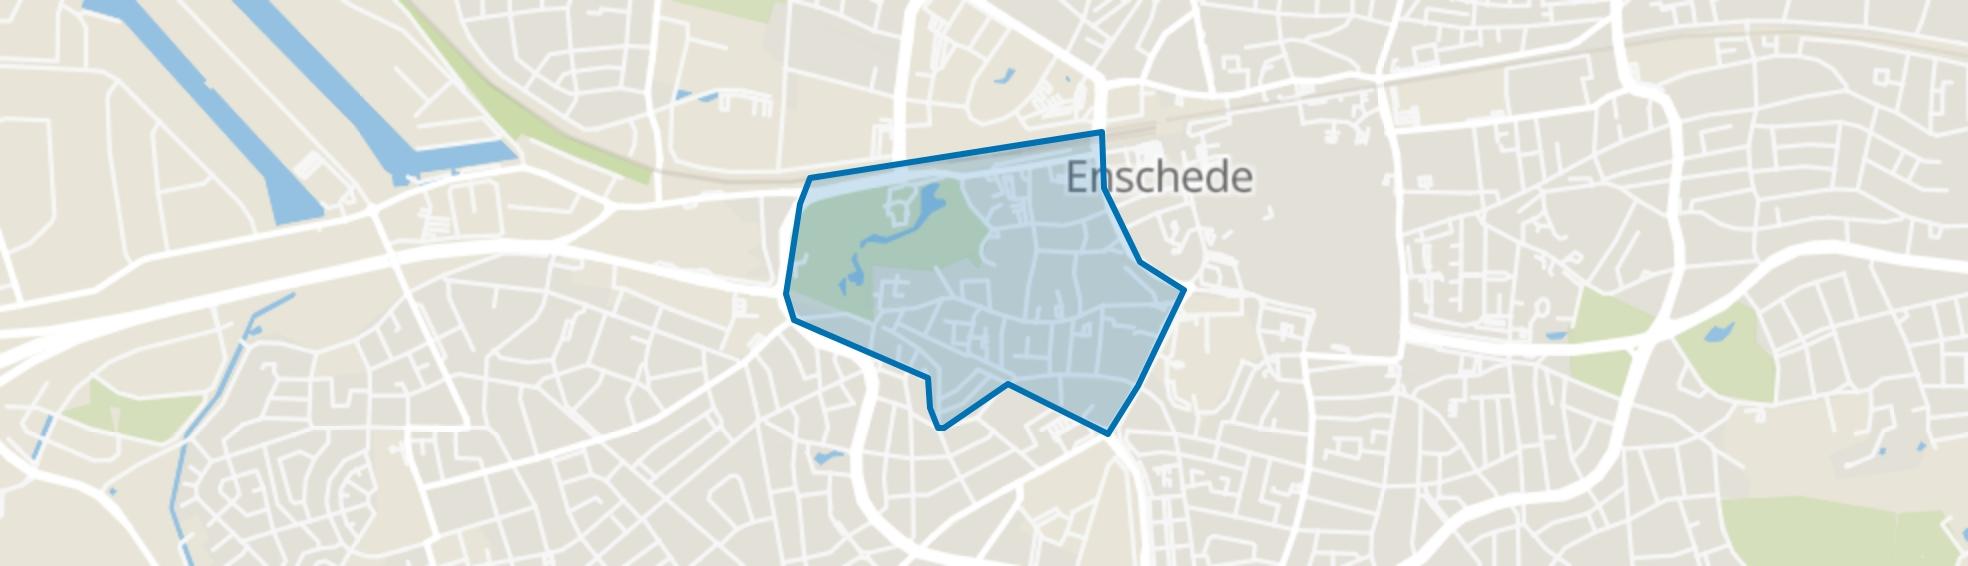 Horstlanden-Stadsweide, Enschede map